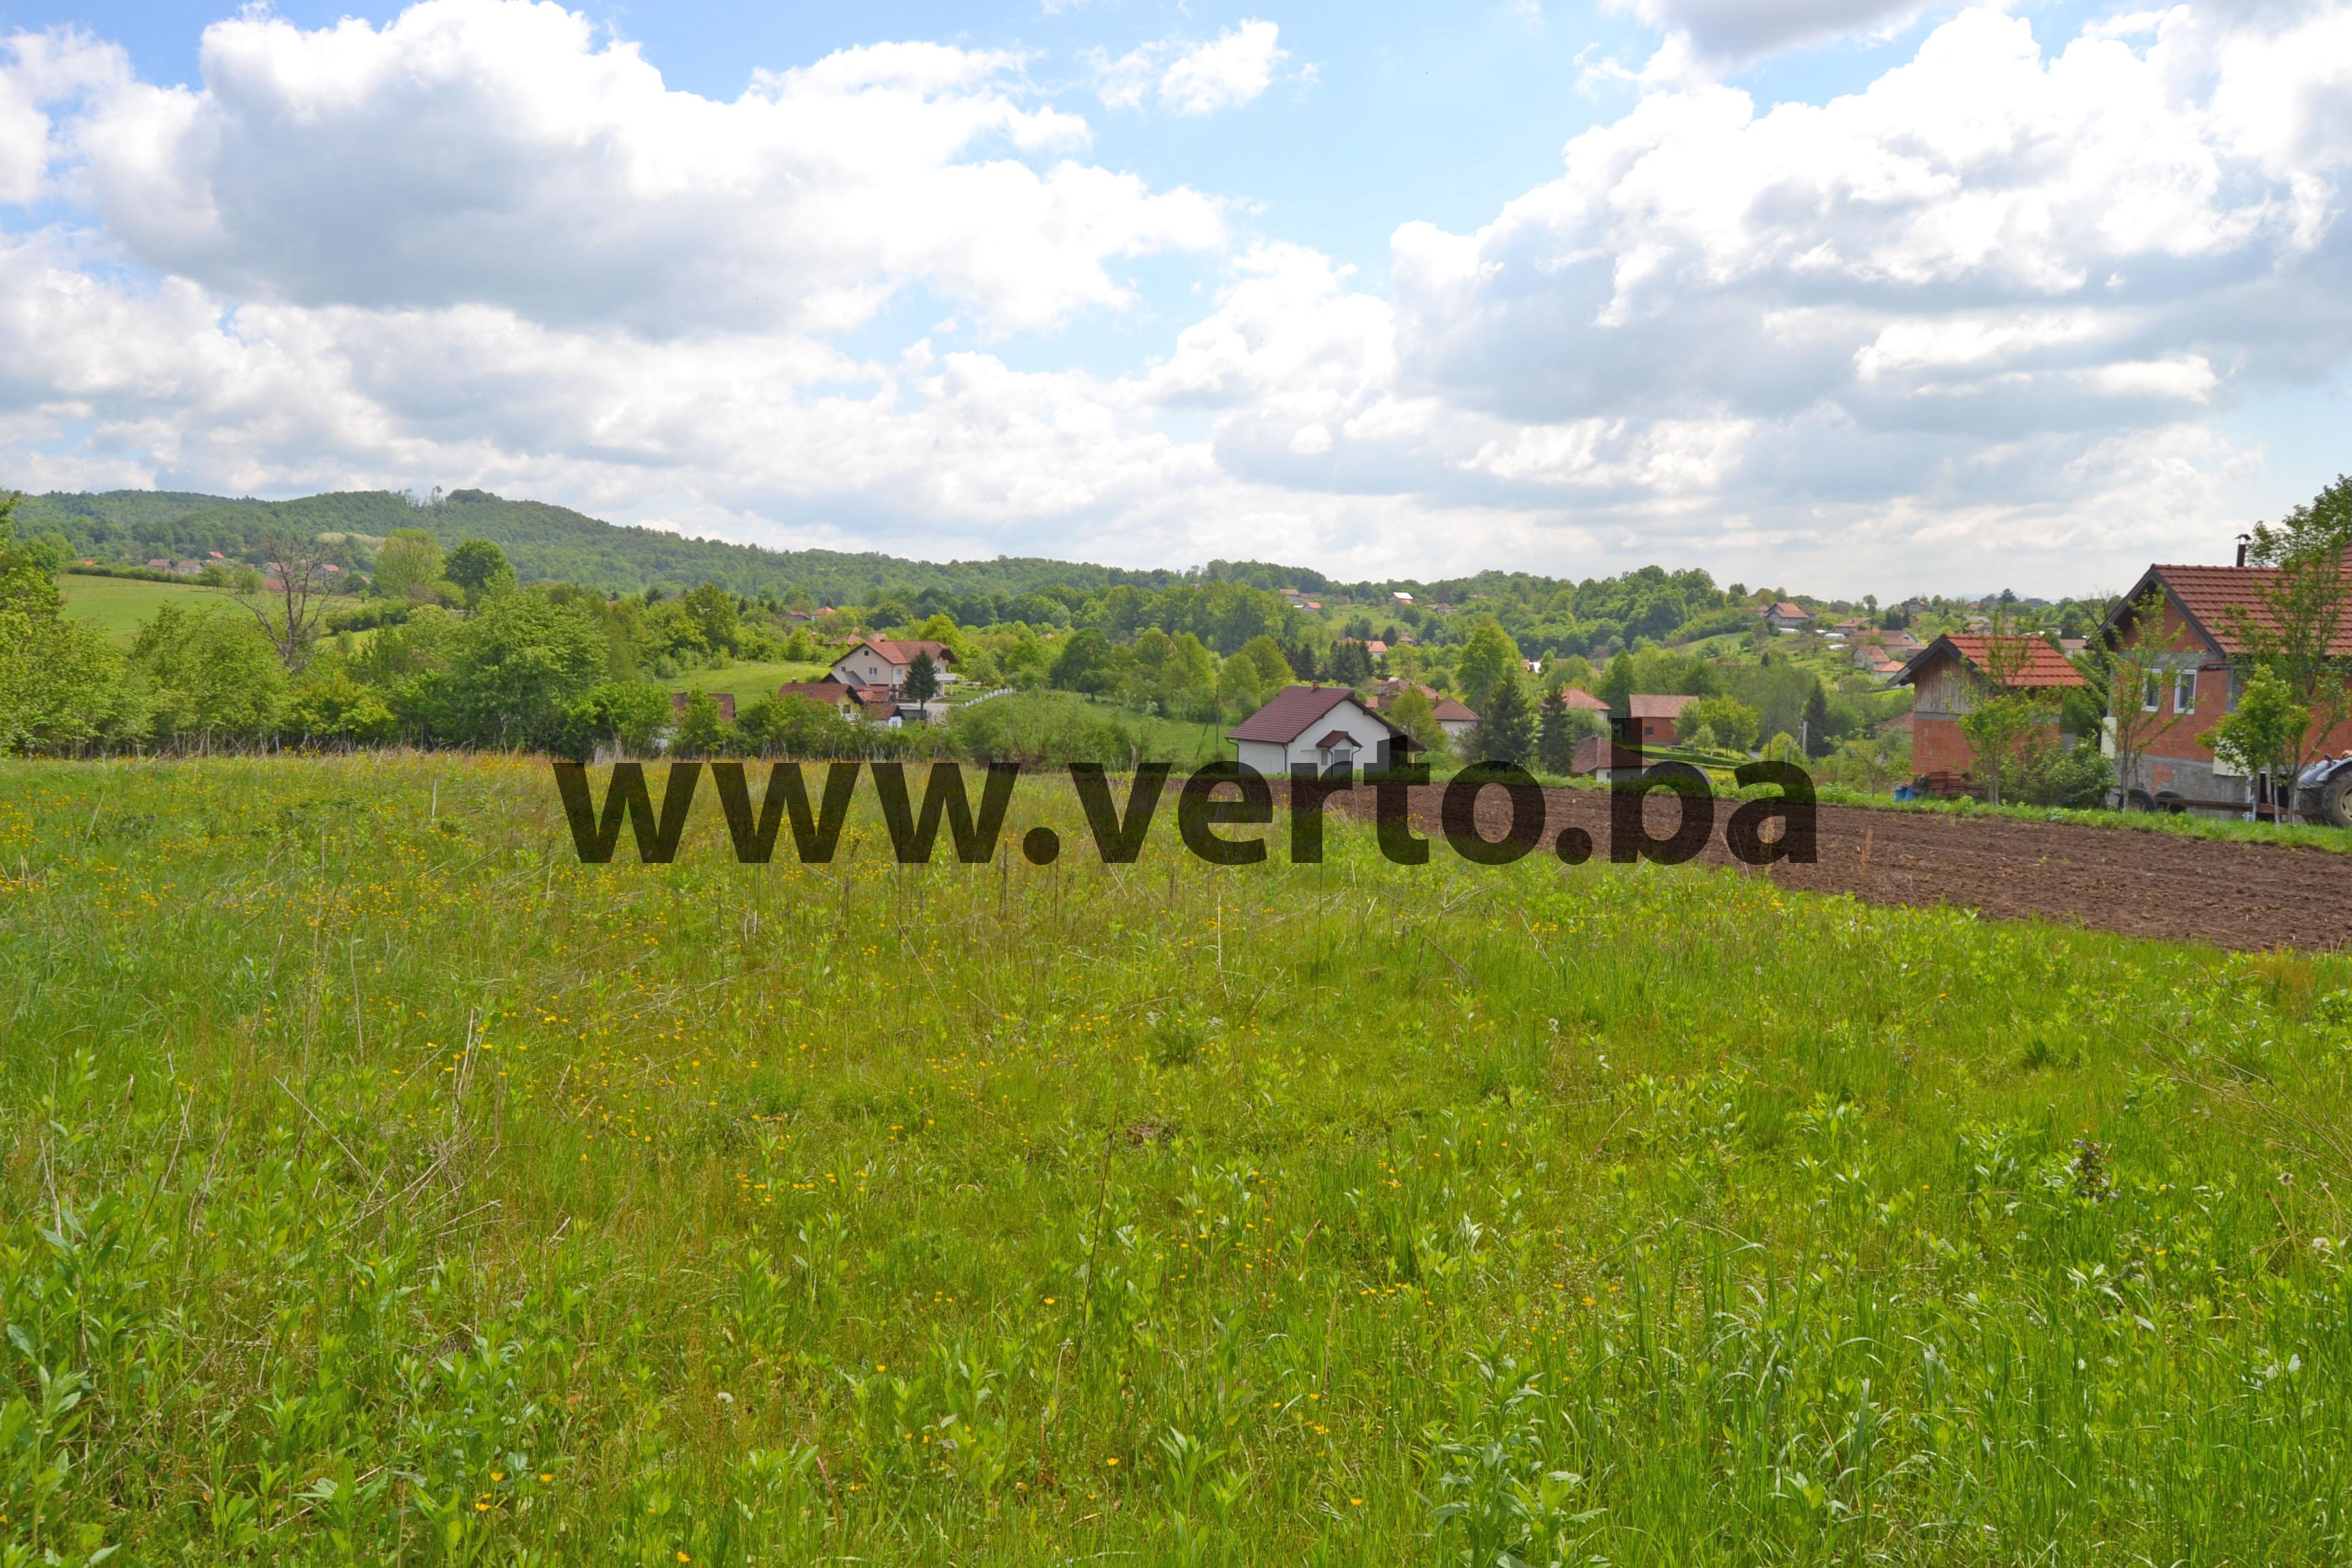 Zemljisna parcela povrsine 4.125 m2, na mirnoj lokaciji u naselju Husino, Tuzla